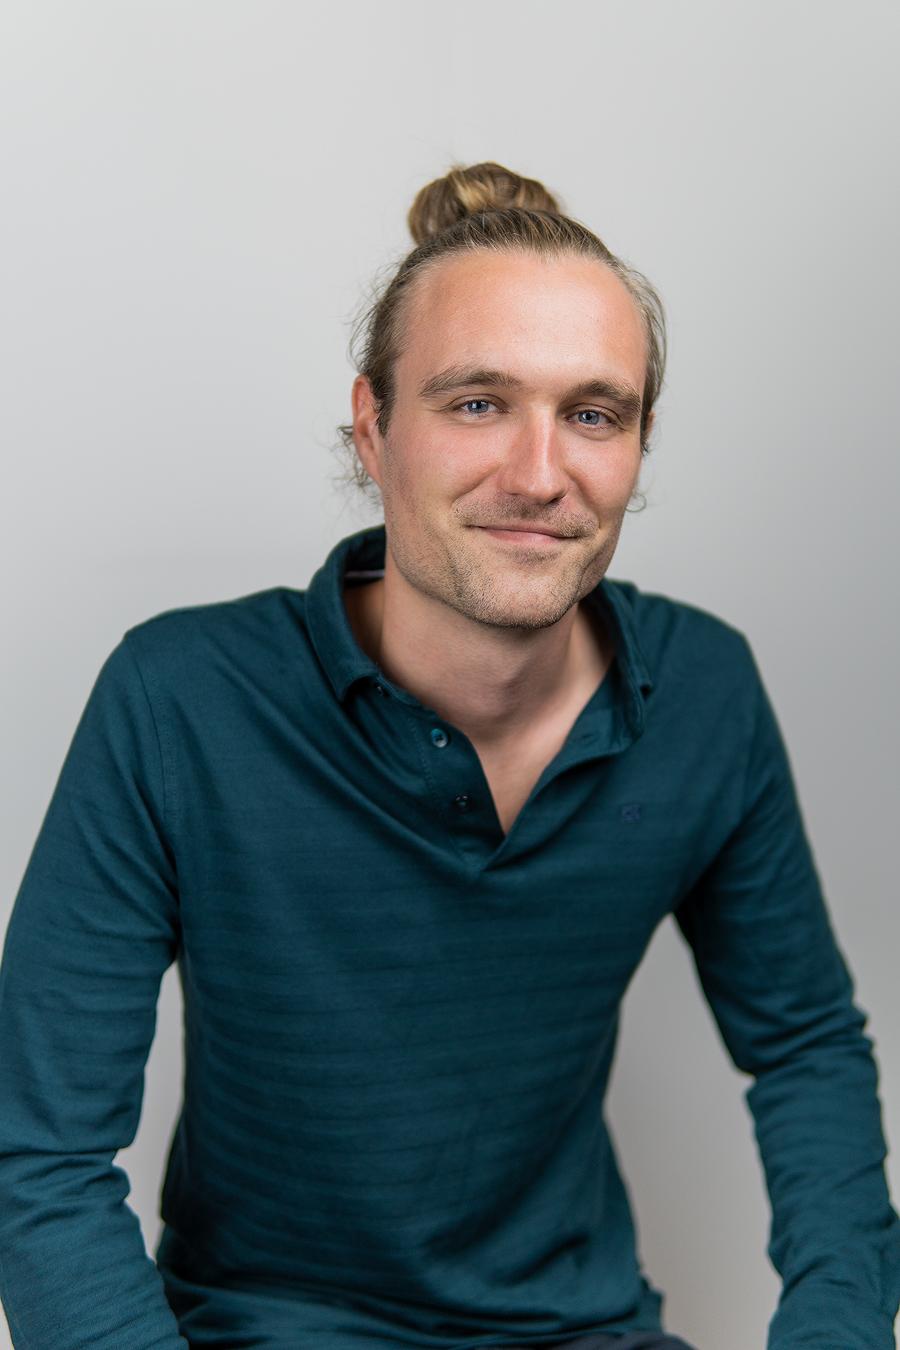 Profile picture of Martin Christensen